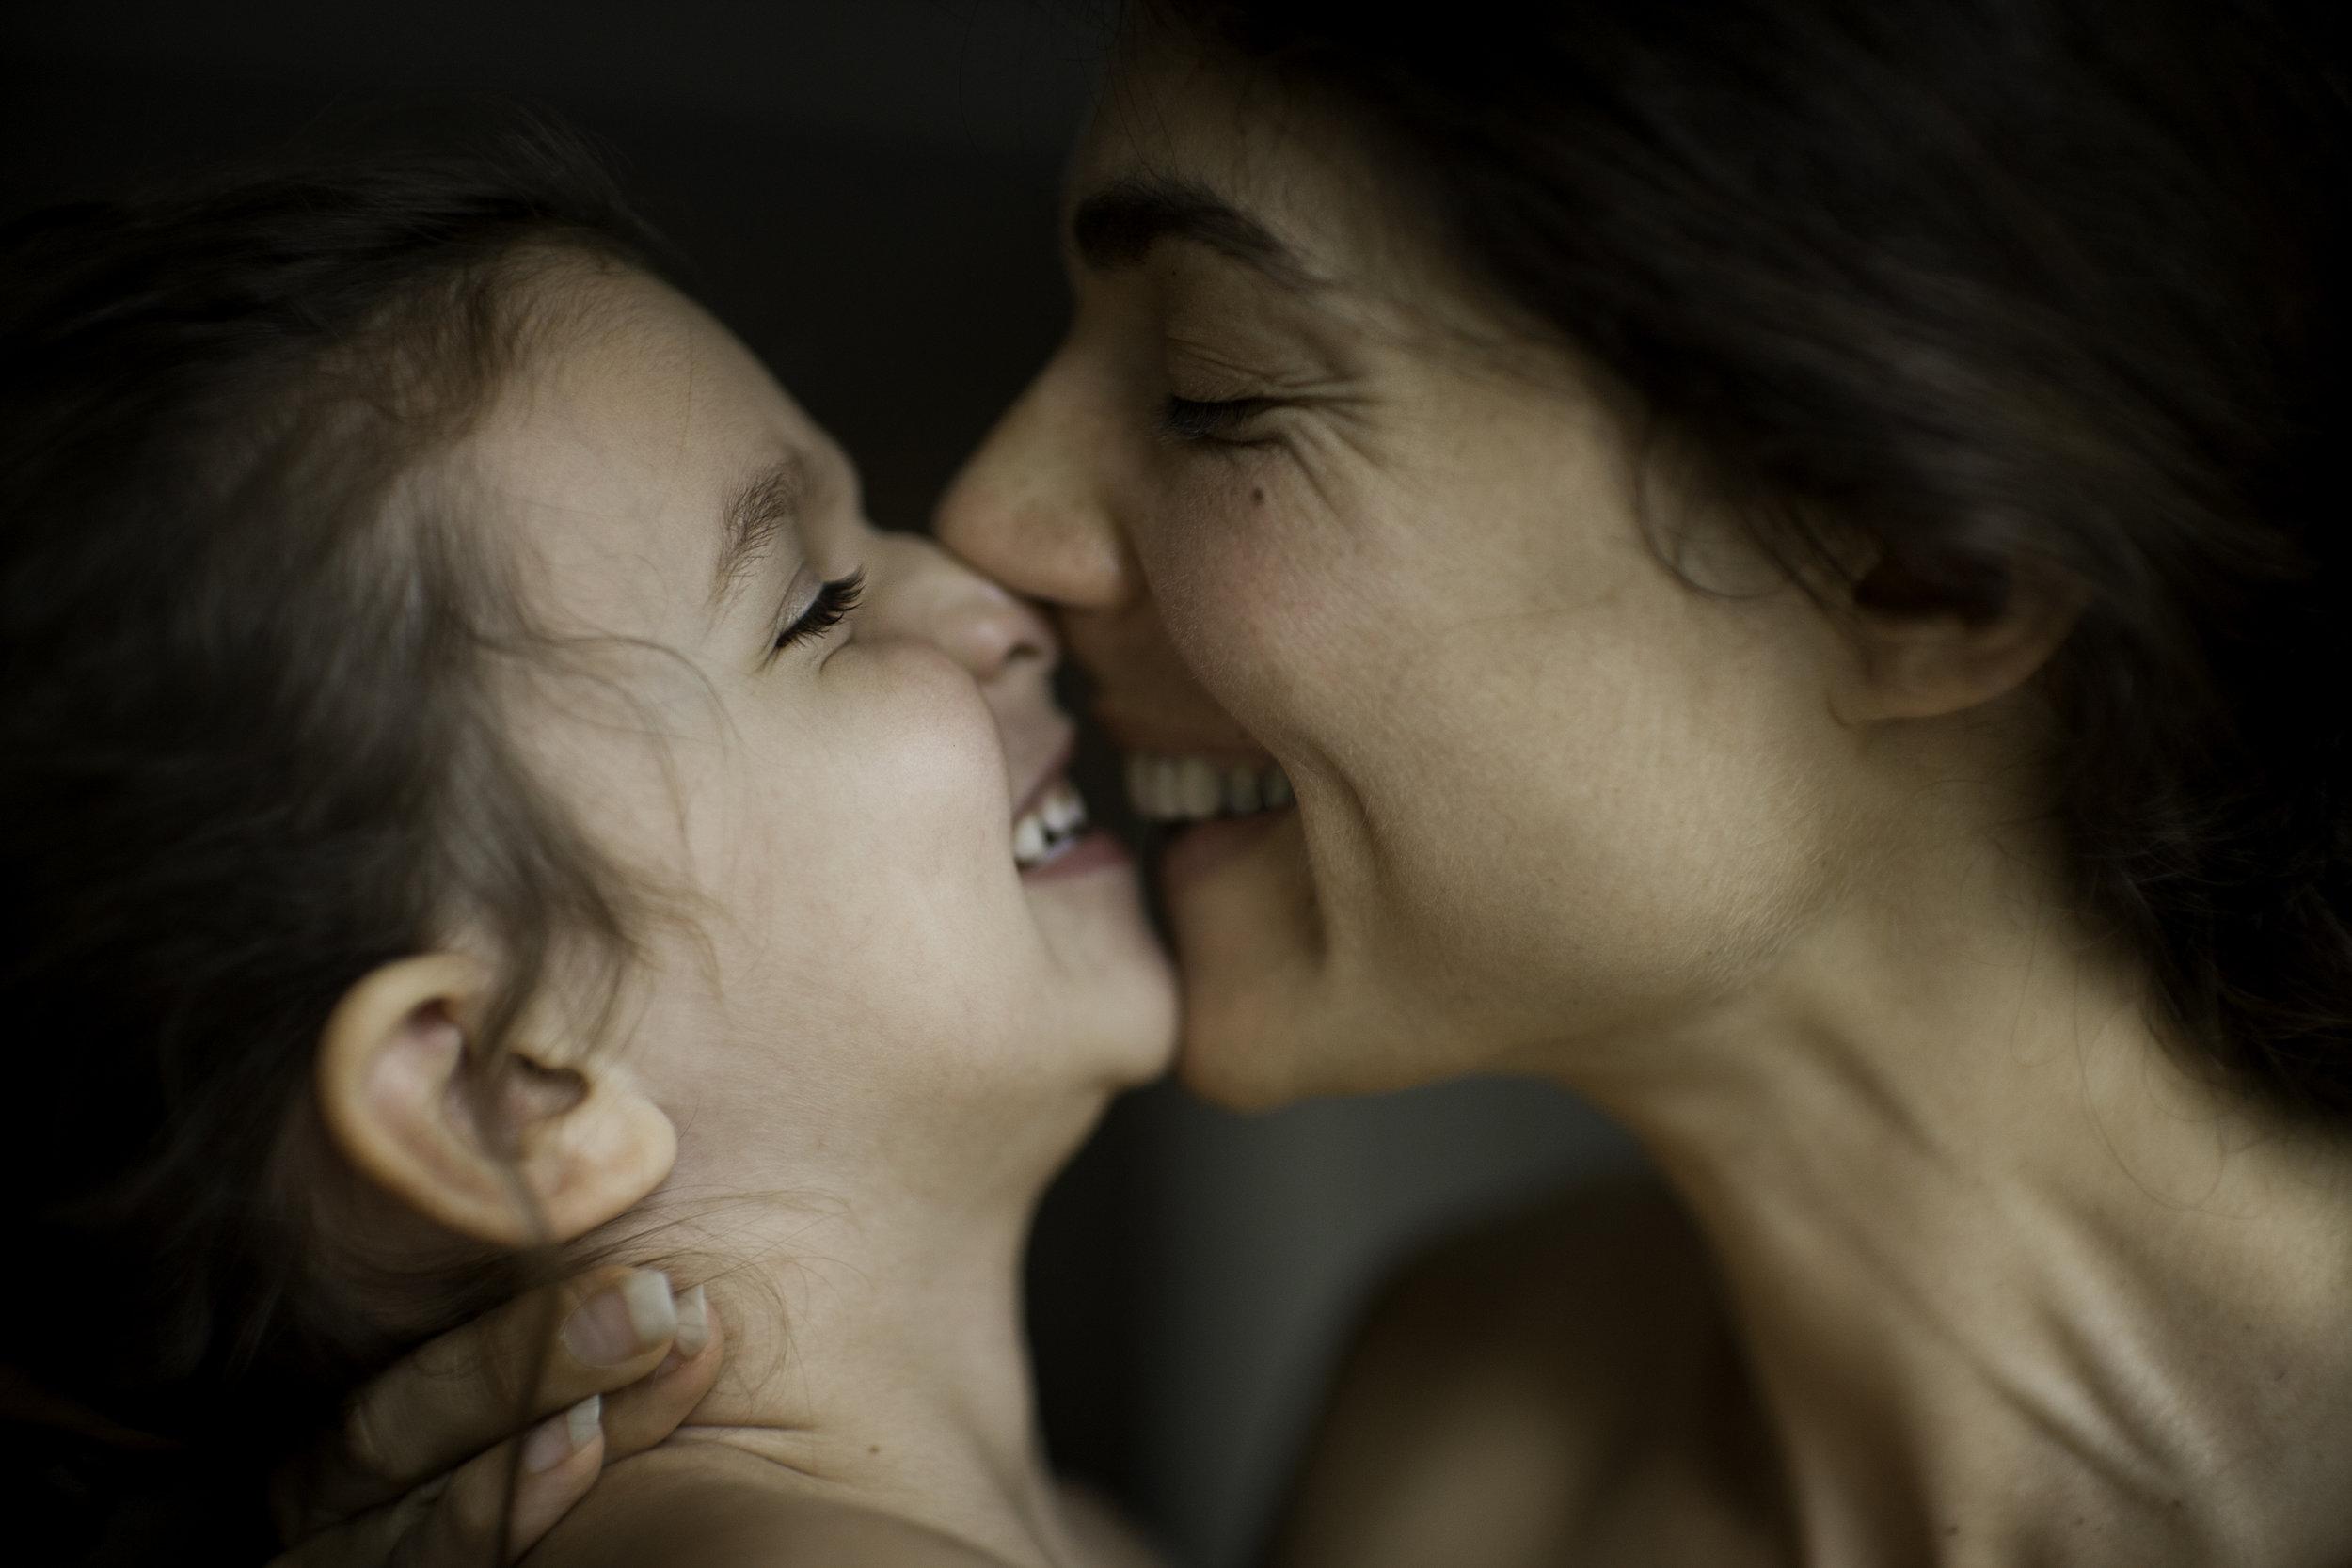 28 Elinor Carucci, Love, 2009.jpg